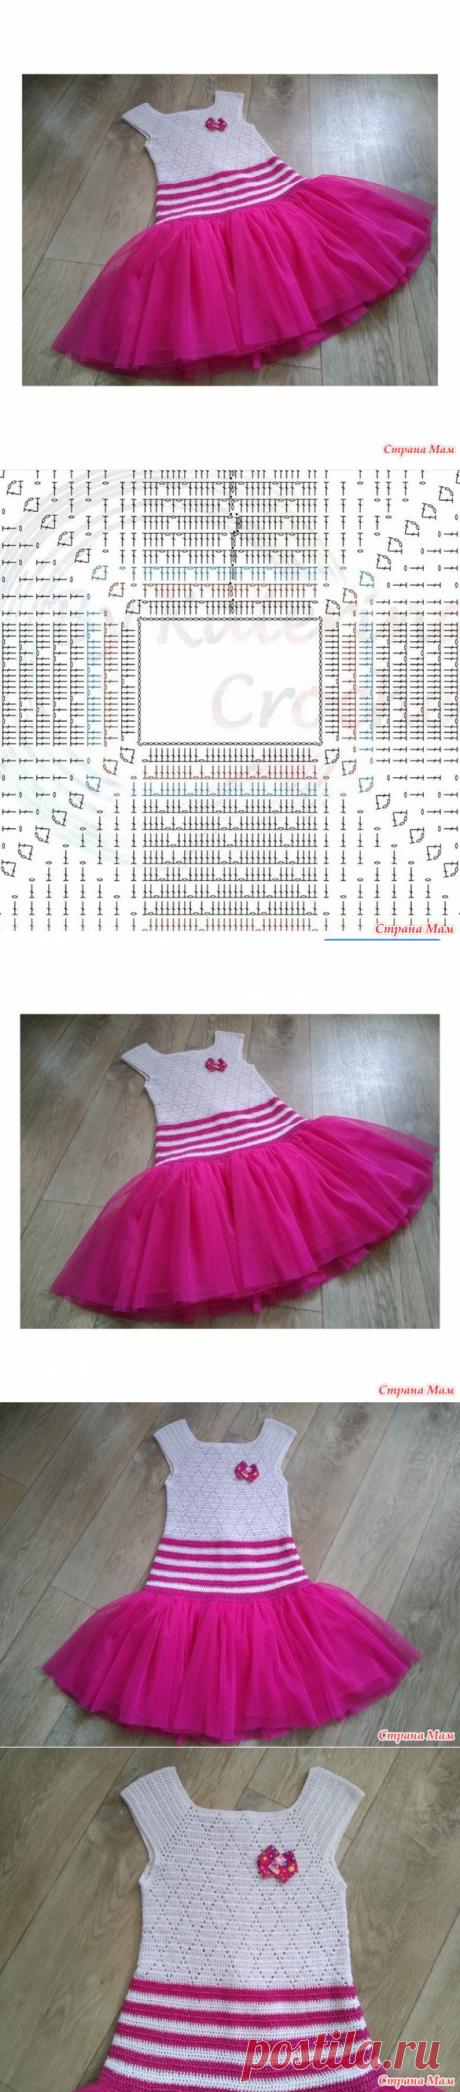 """Платье """"Маленькая фея"""" - Вязание - Страна Мам"""